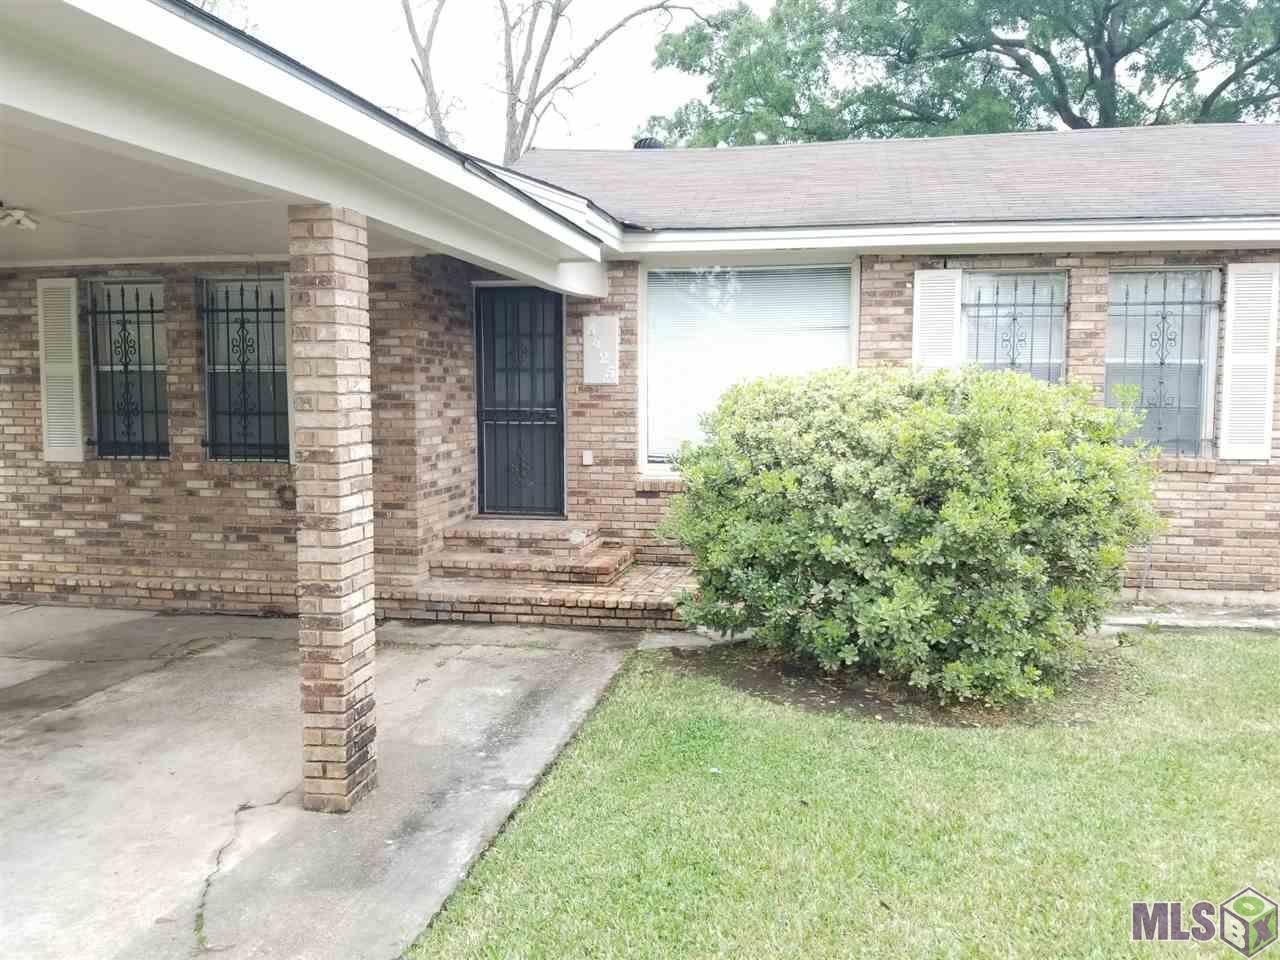 3425 WASHINGTON AVE, Baton Rouge, LA 70802